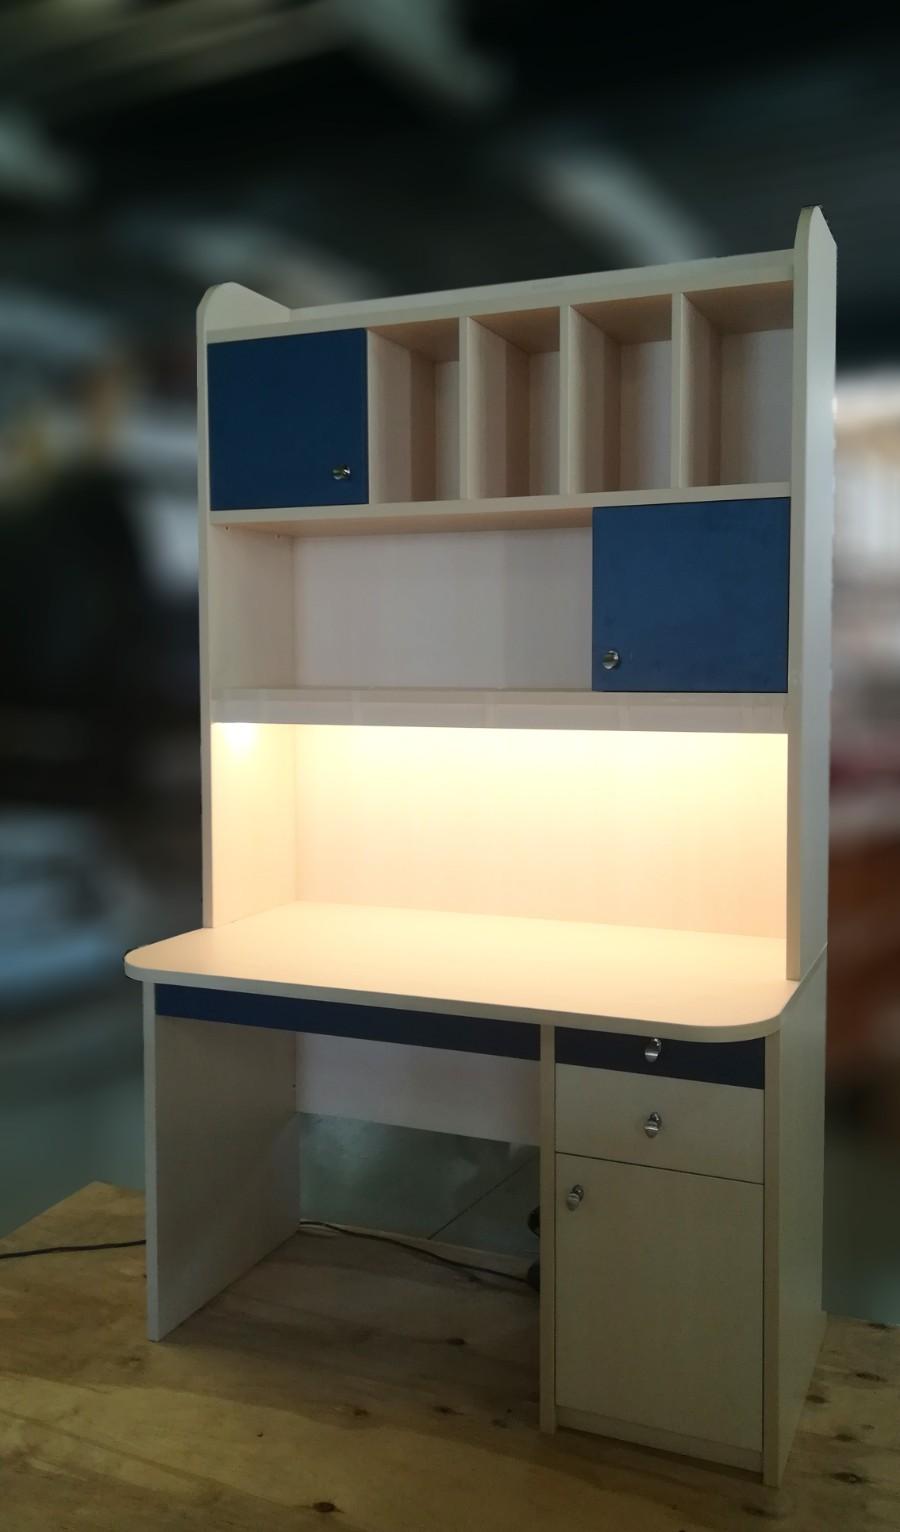 παιδικό γραφείο με βιβλιοθήκη και κρυφό φωτισμό